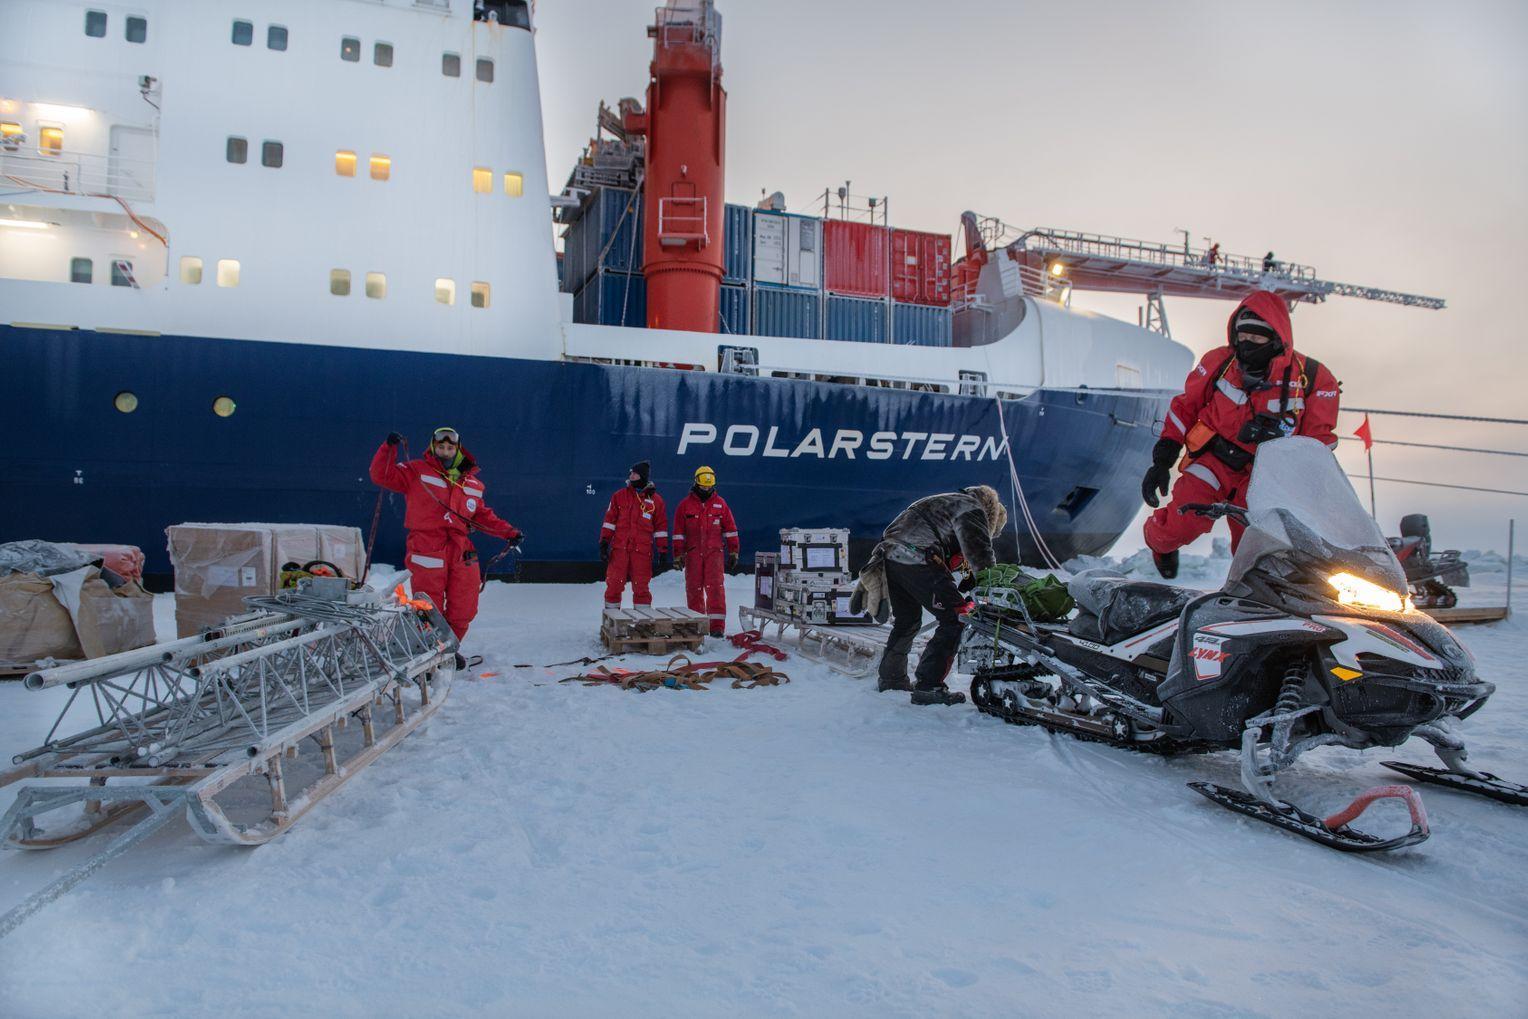 Rückblick zur Ankunft am 11. Oktober 2019 – da war es noch hell. Die Besatzung lädt ihre Fracht ab und baut die Forschungsstationen auf der Eisscholle auf. Foto:Esther Horvath